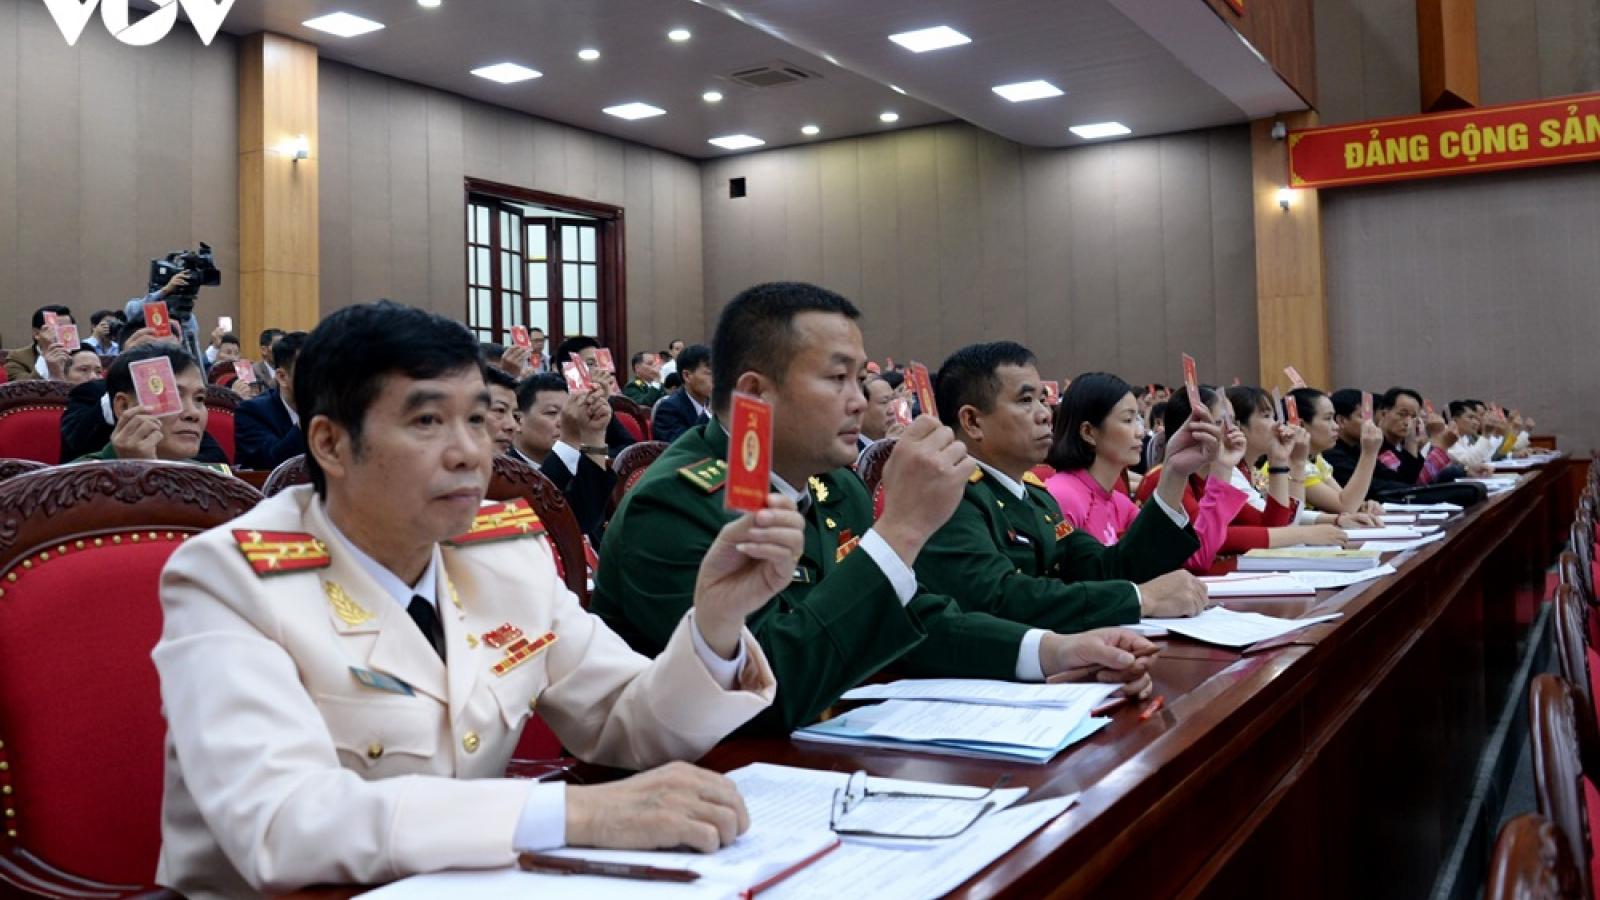 Khai mạc Đại hội Đảng bộ tỉnh Sơn La lần thứ XV